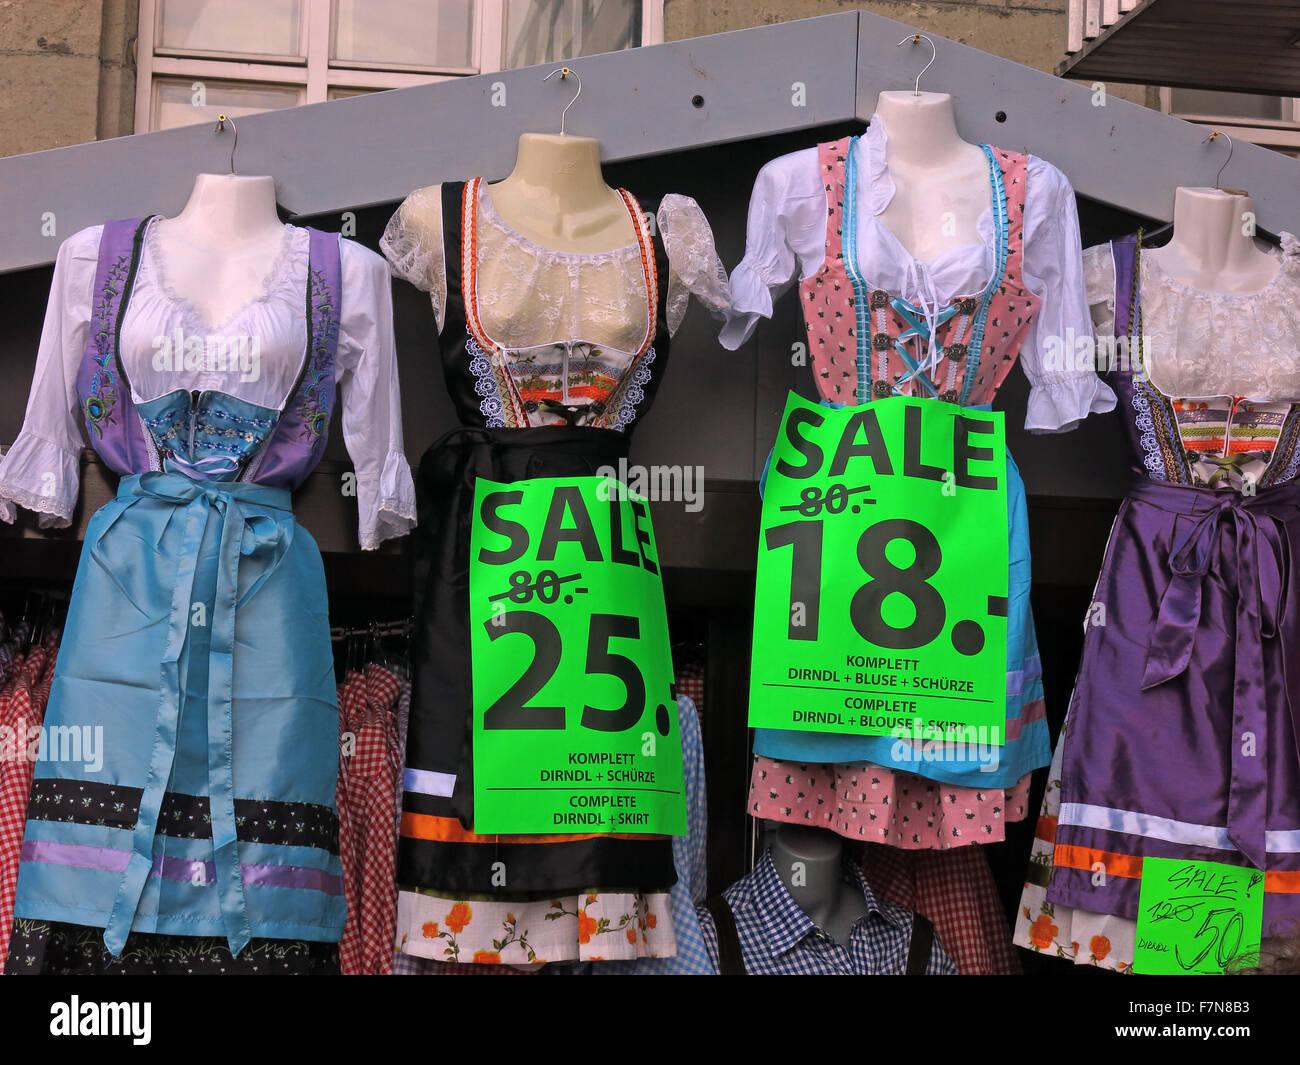 Laden Sie dieses Alamy Stockfoto Kleidung für das Oktoberfest am Hauptbahnhof München, reduziert am vergangenen Wochenende 80, 25 Euro - F7N8B3